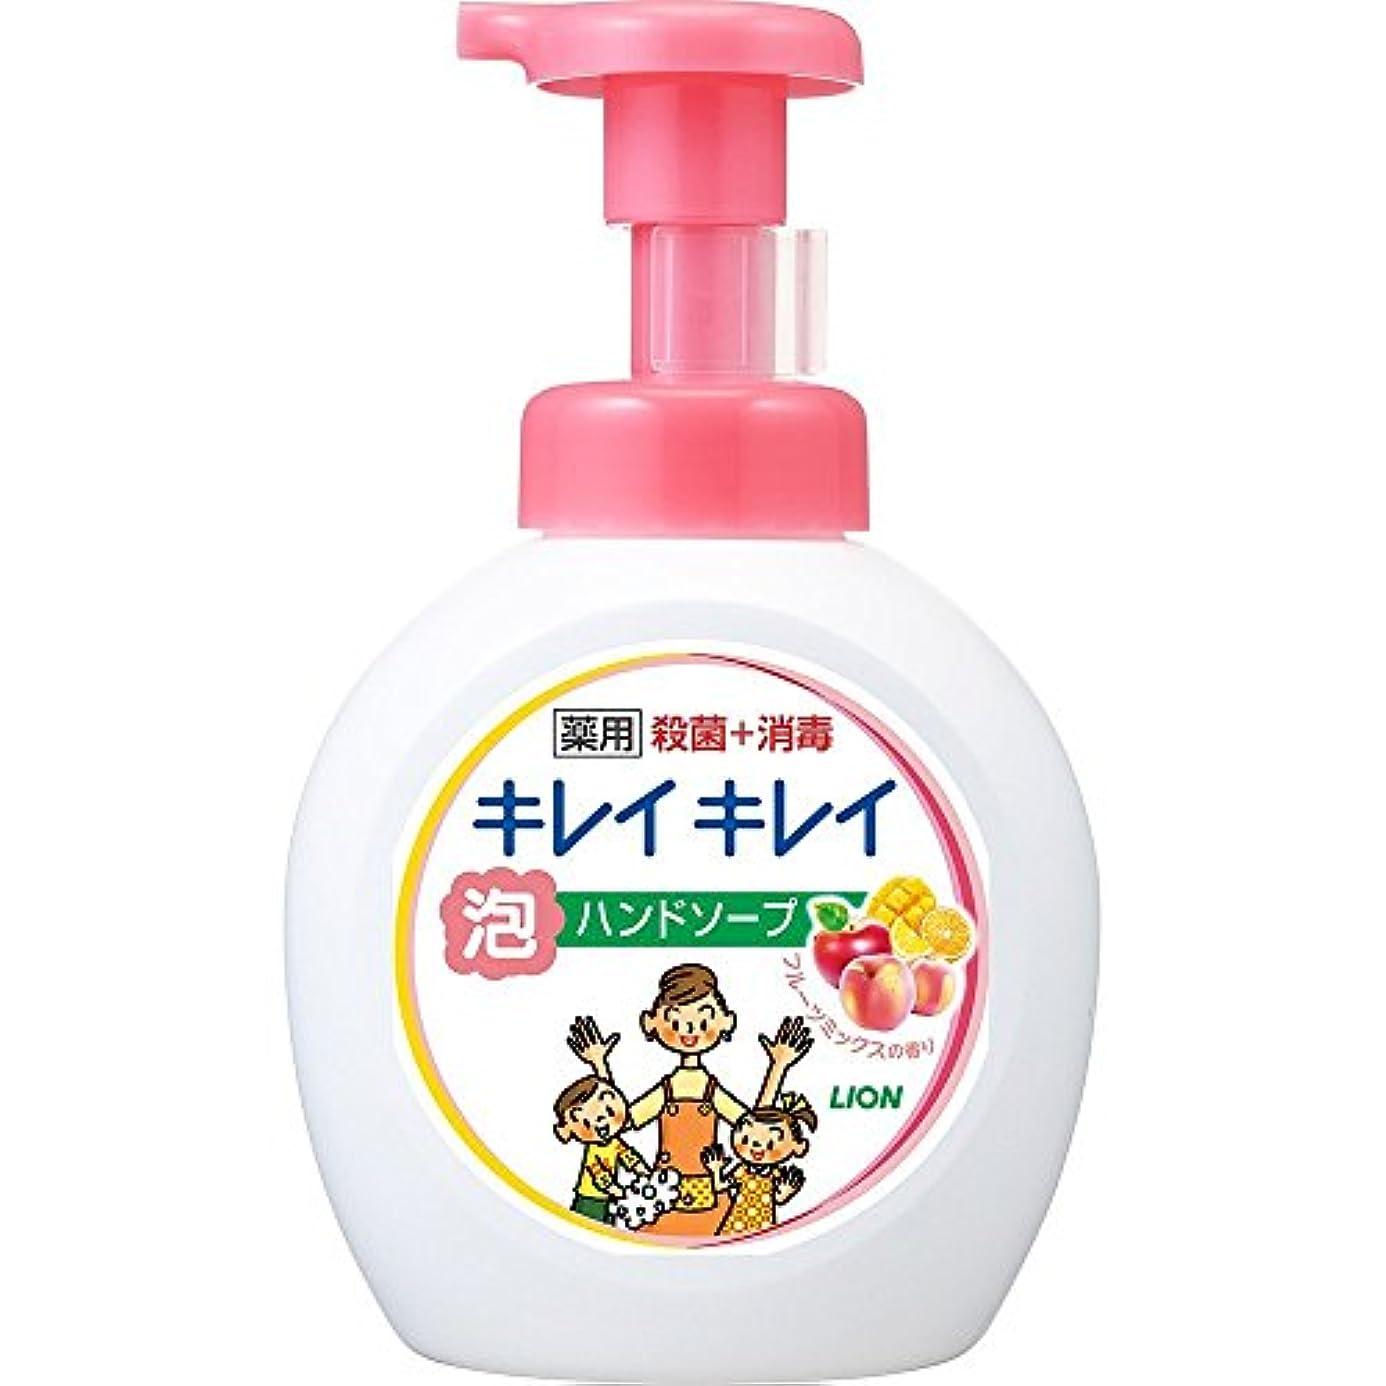 免除ツーリスト基礎キレイキレイ 薬用 泡ハンドソープ フルーツミックスの香り 本体ポンプ 大型サイズ 500ml(医薬部外品)